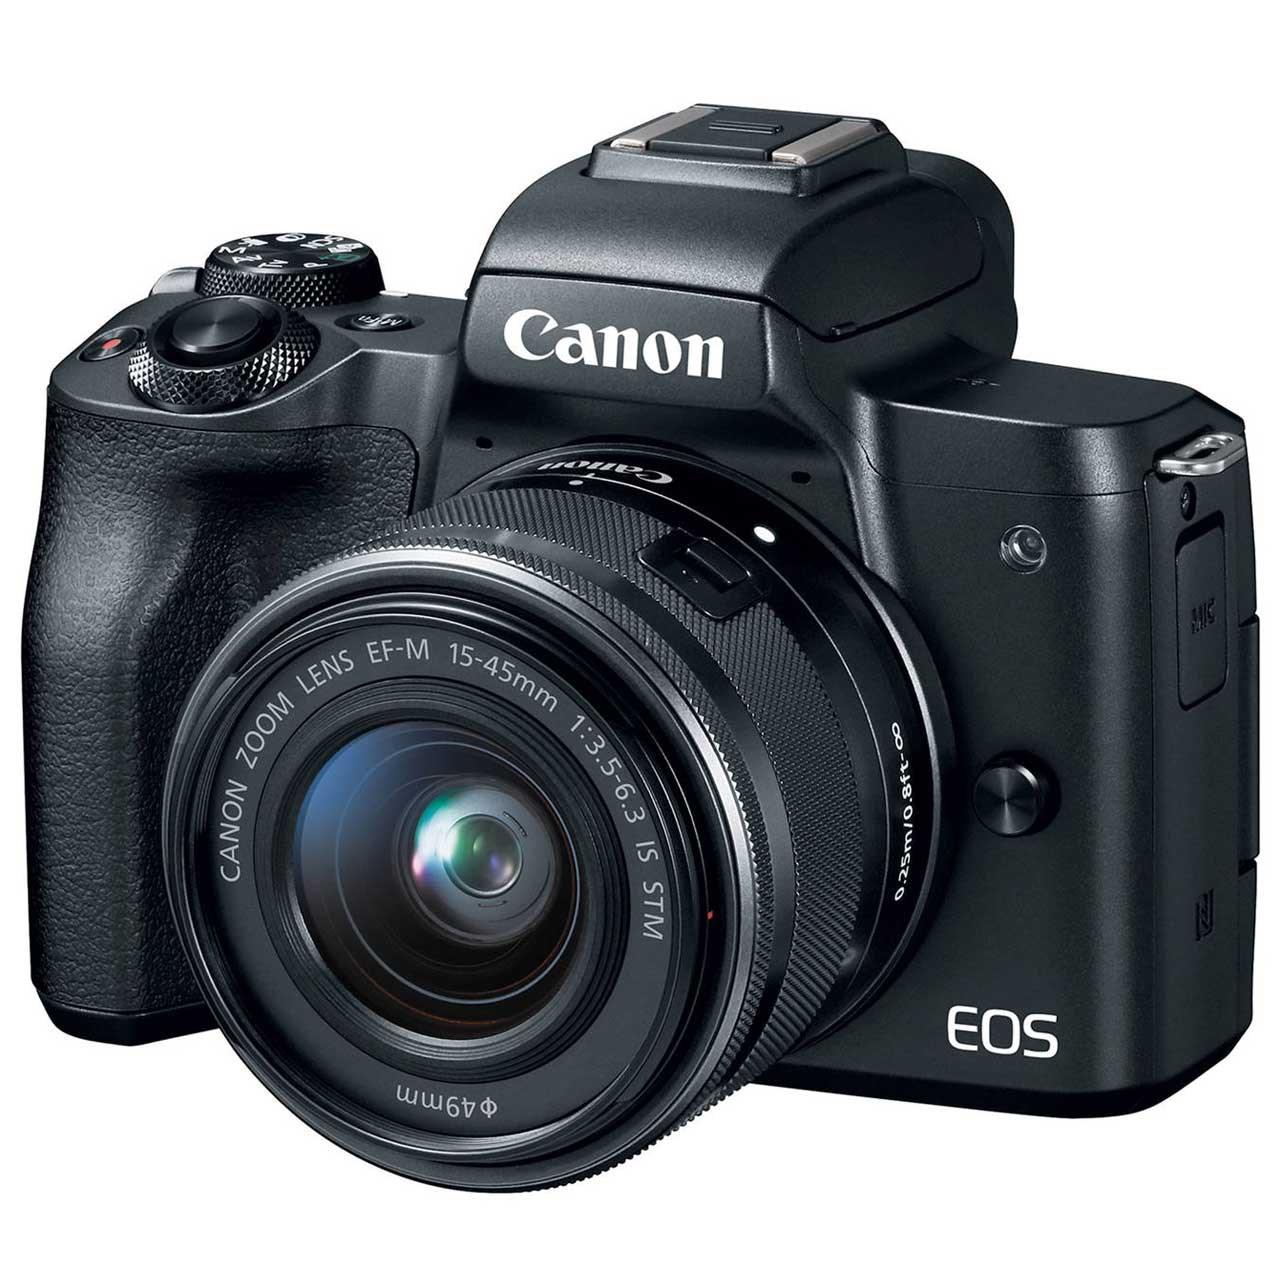 فروش نقدی و اقساطی دوربین دیجیتال بدون آینه کانن مدل EOS M50 به همراه لنز 15-45 میلی متر